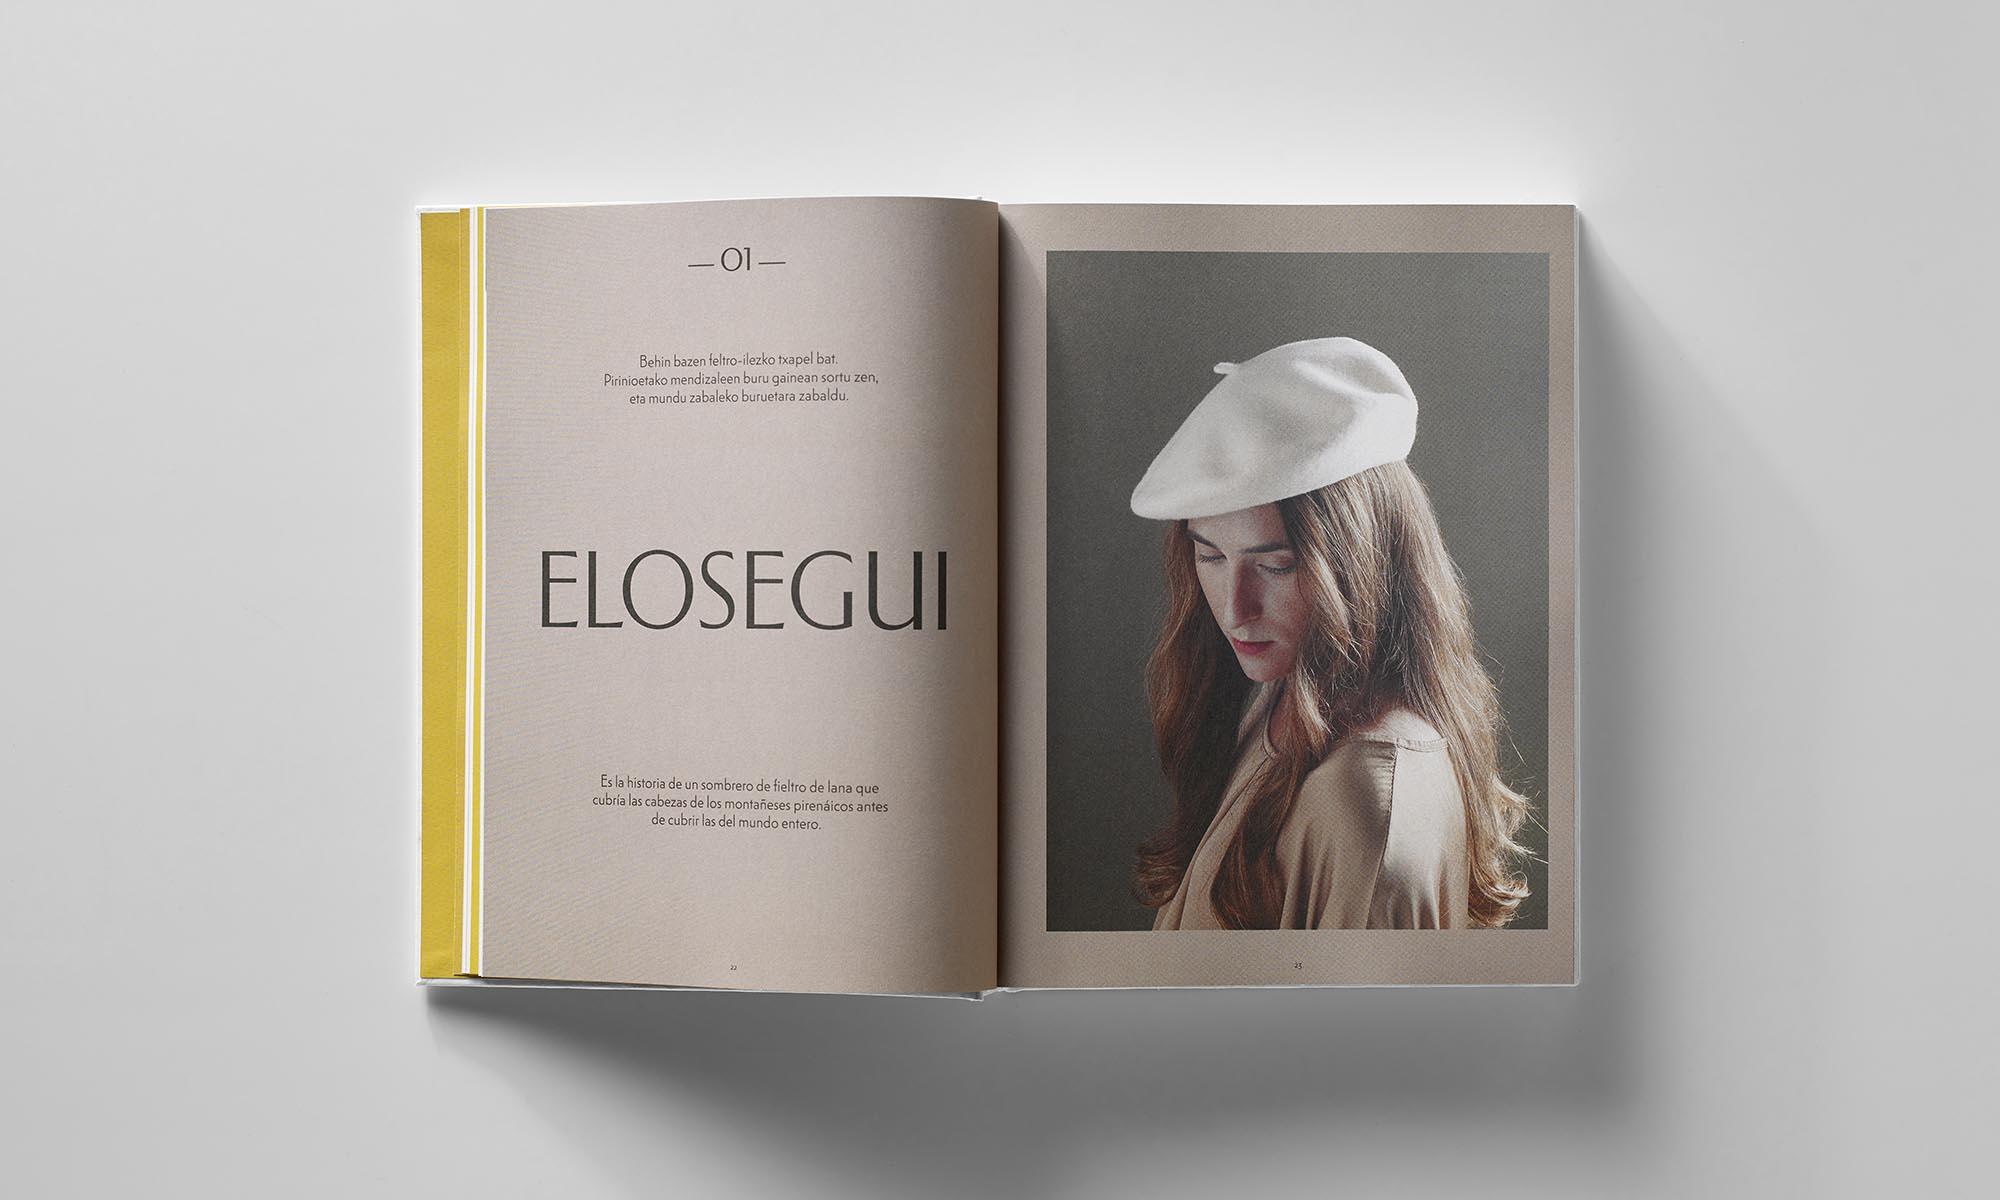 Elosegui beret by Hemendik